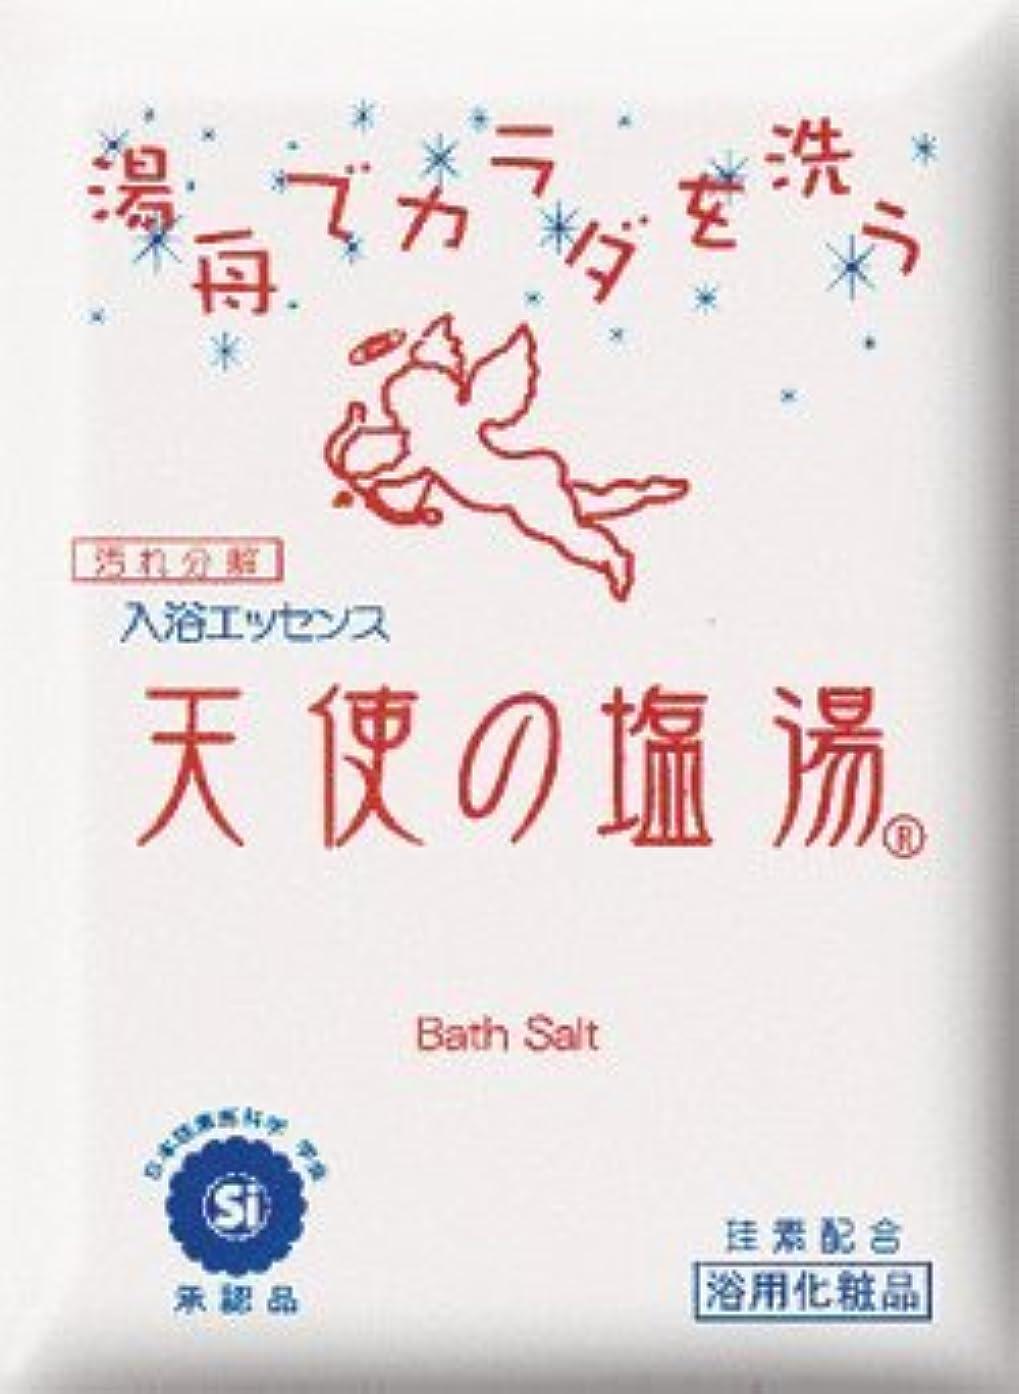 触覚引き潮測る天使の塩湯 (70g×20袋) ※浴槽でカラダを洗う!入浴エッセンス!